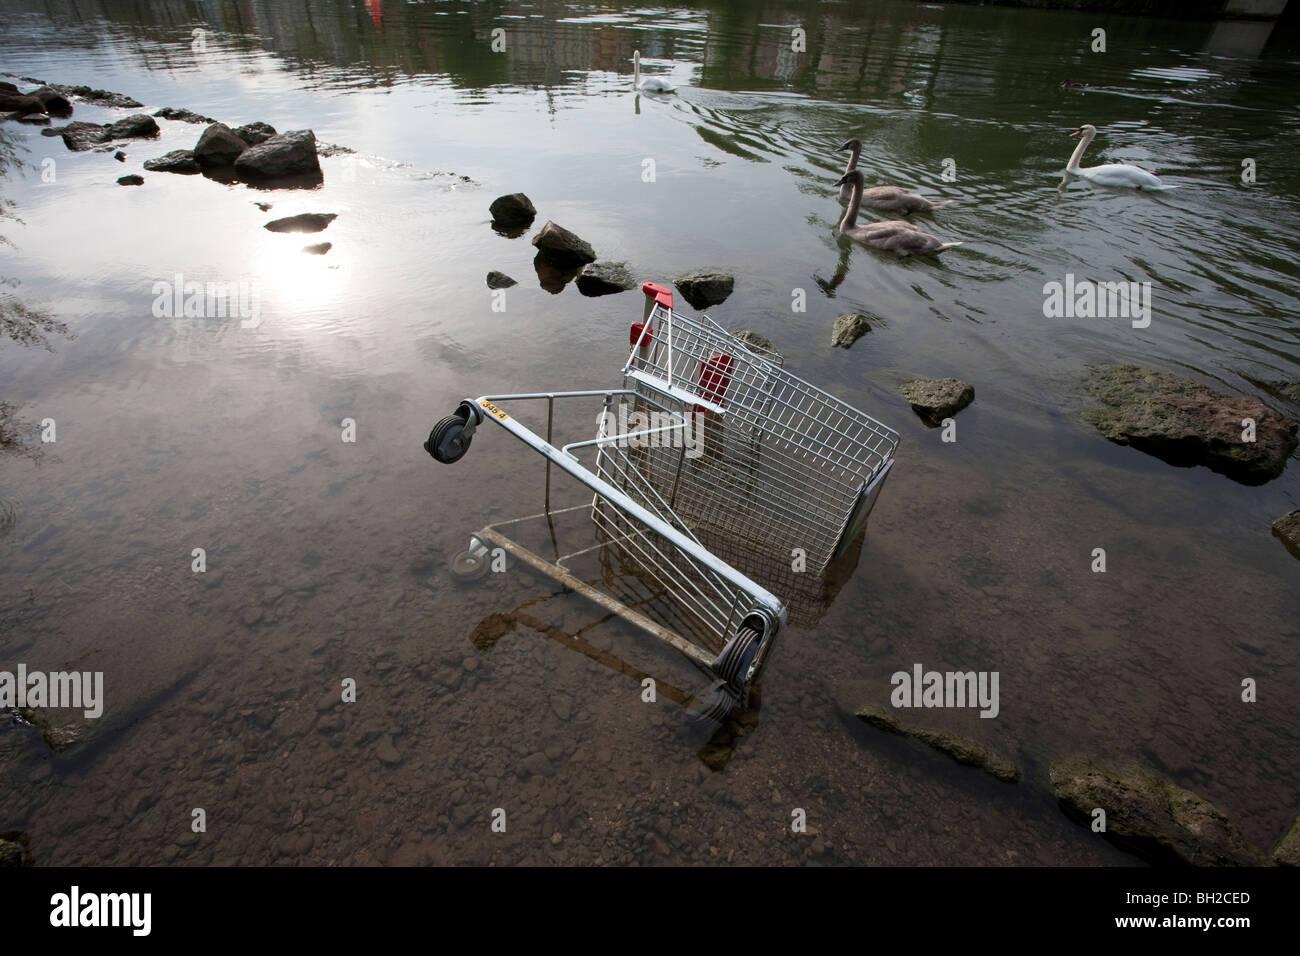 SHOPPING CART IN RIVER NECKAR, STUTTGART, BADEN WUERTTEMBERG, GERMANY - Stock Image